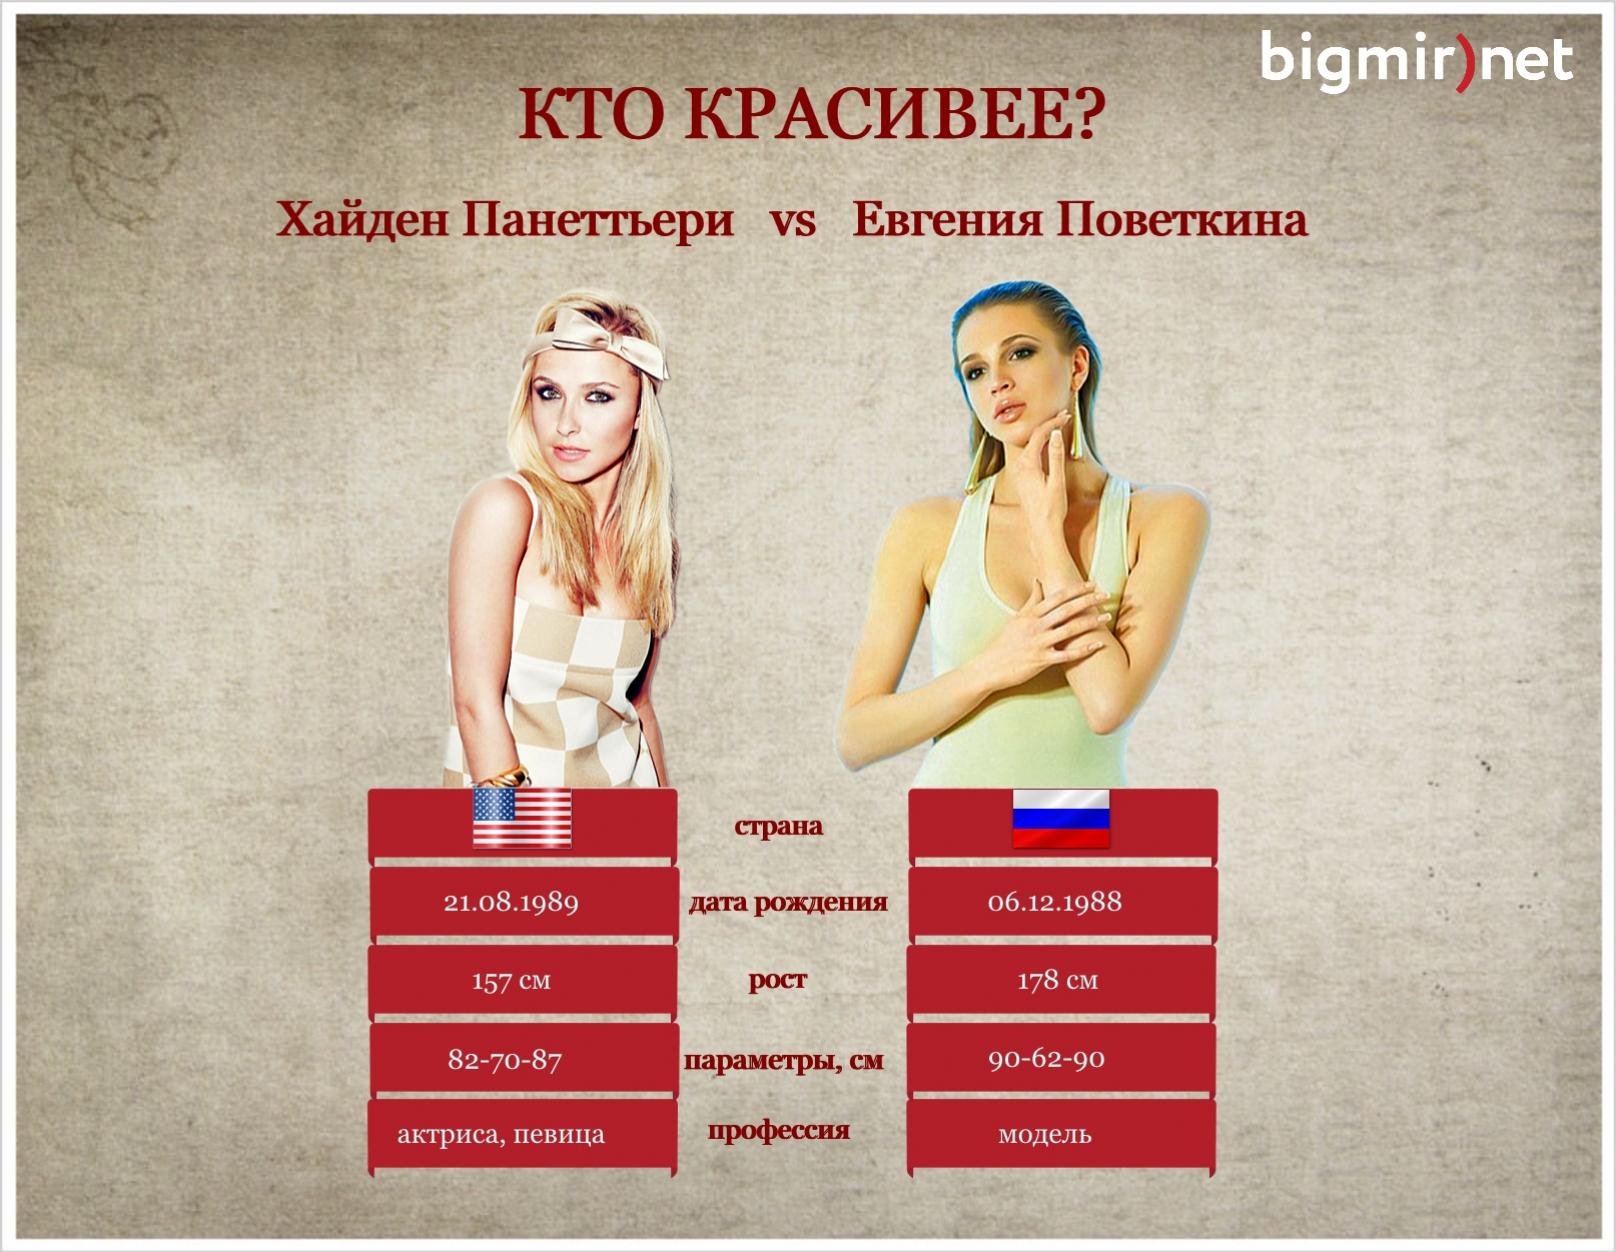 Кличко vs Поветкин. Чья девушка красивее?